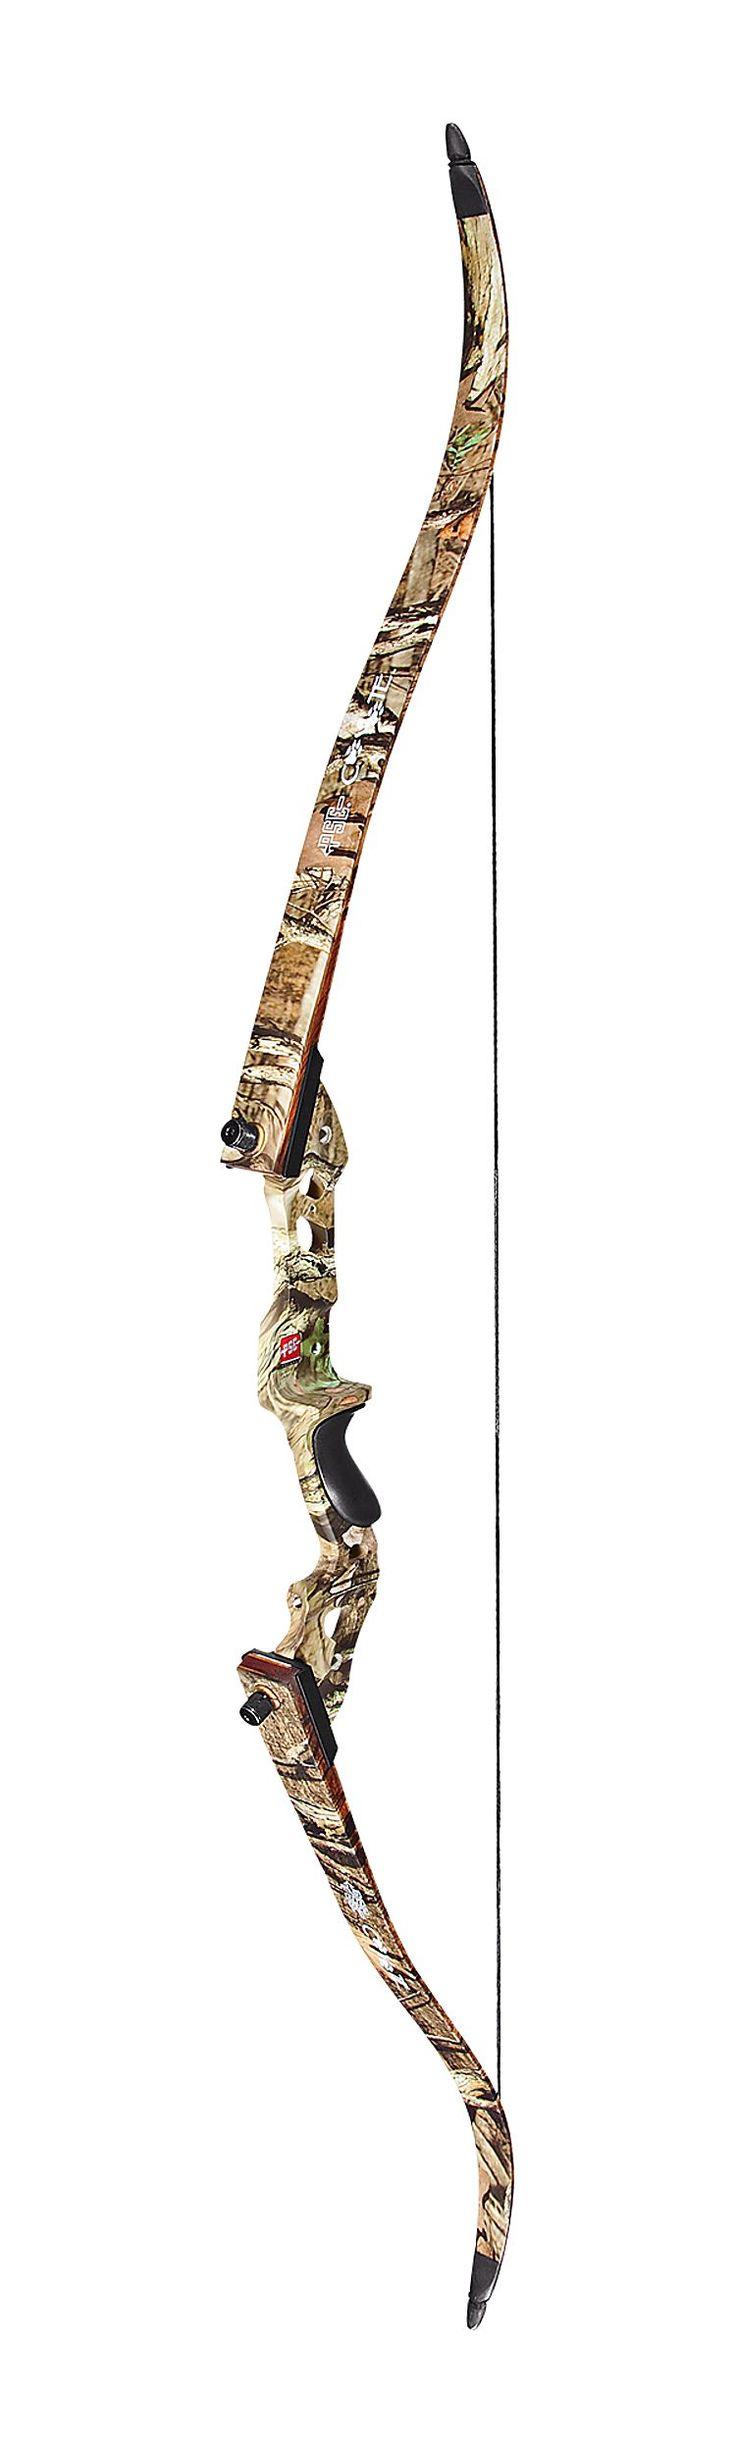 PSE Archery Coyote Recurve Bows   Bass Pro Shops